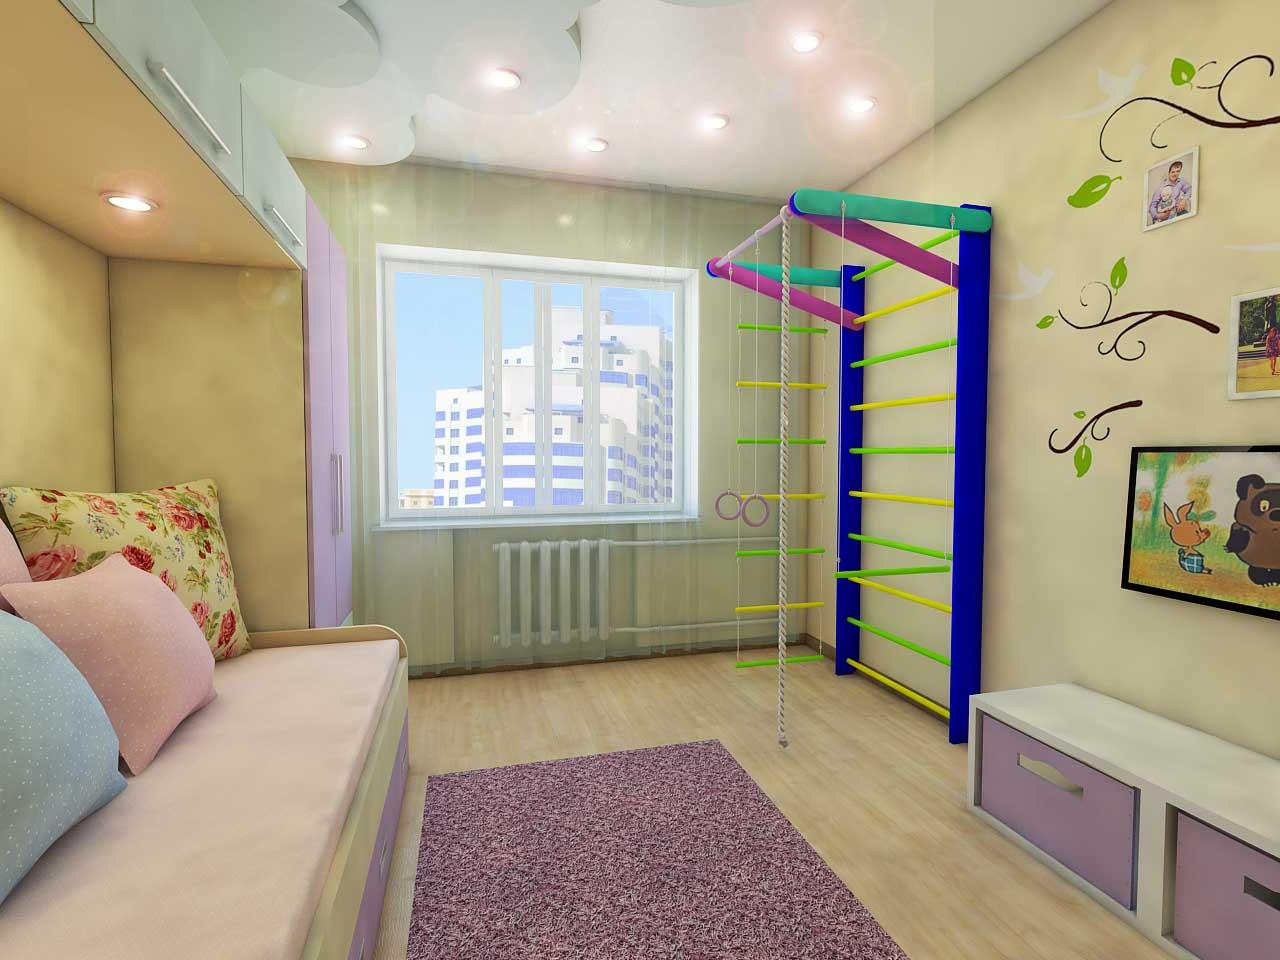 Дизайн-проект интерьера. Тюмень ул. Широтная д.158. Квартира для молодой семьи (7)